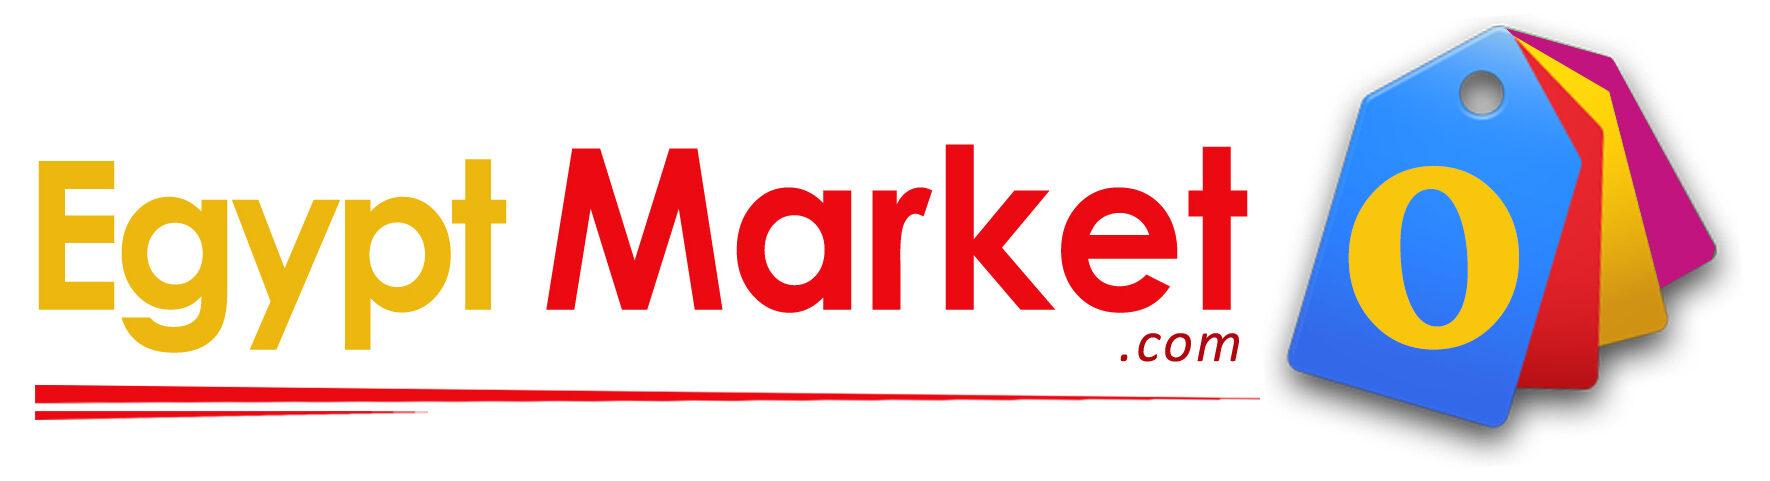 Egyptmarketo.com